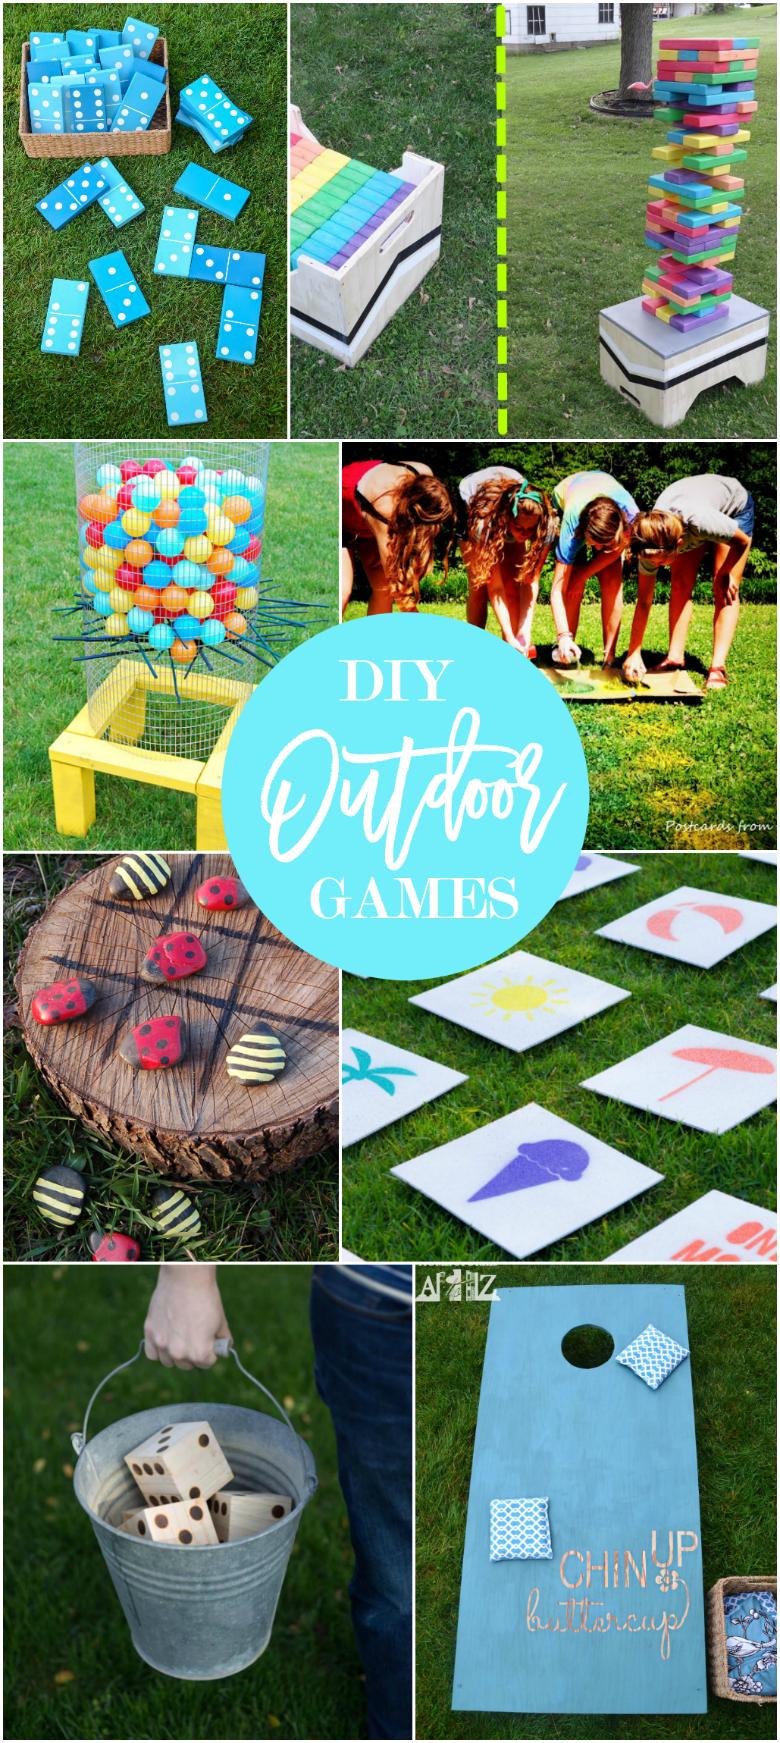 17 Diy Games For Outdoor Family Fun In 2020 Outdoor Family Fun